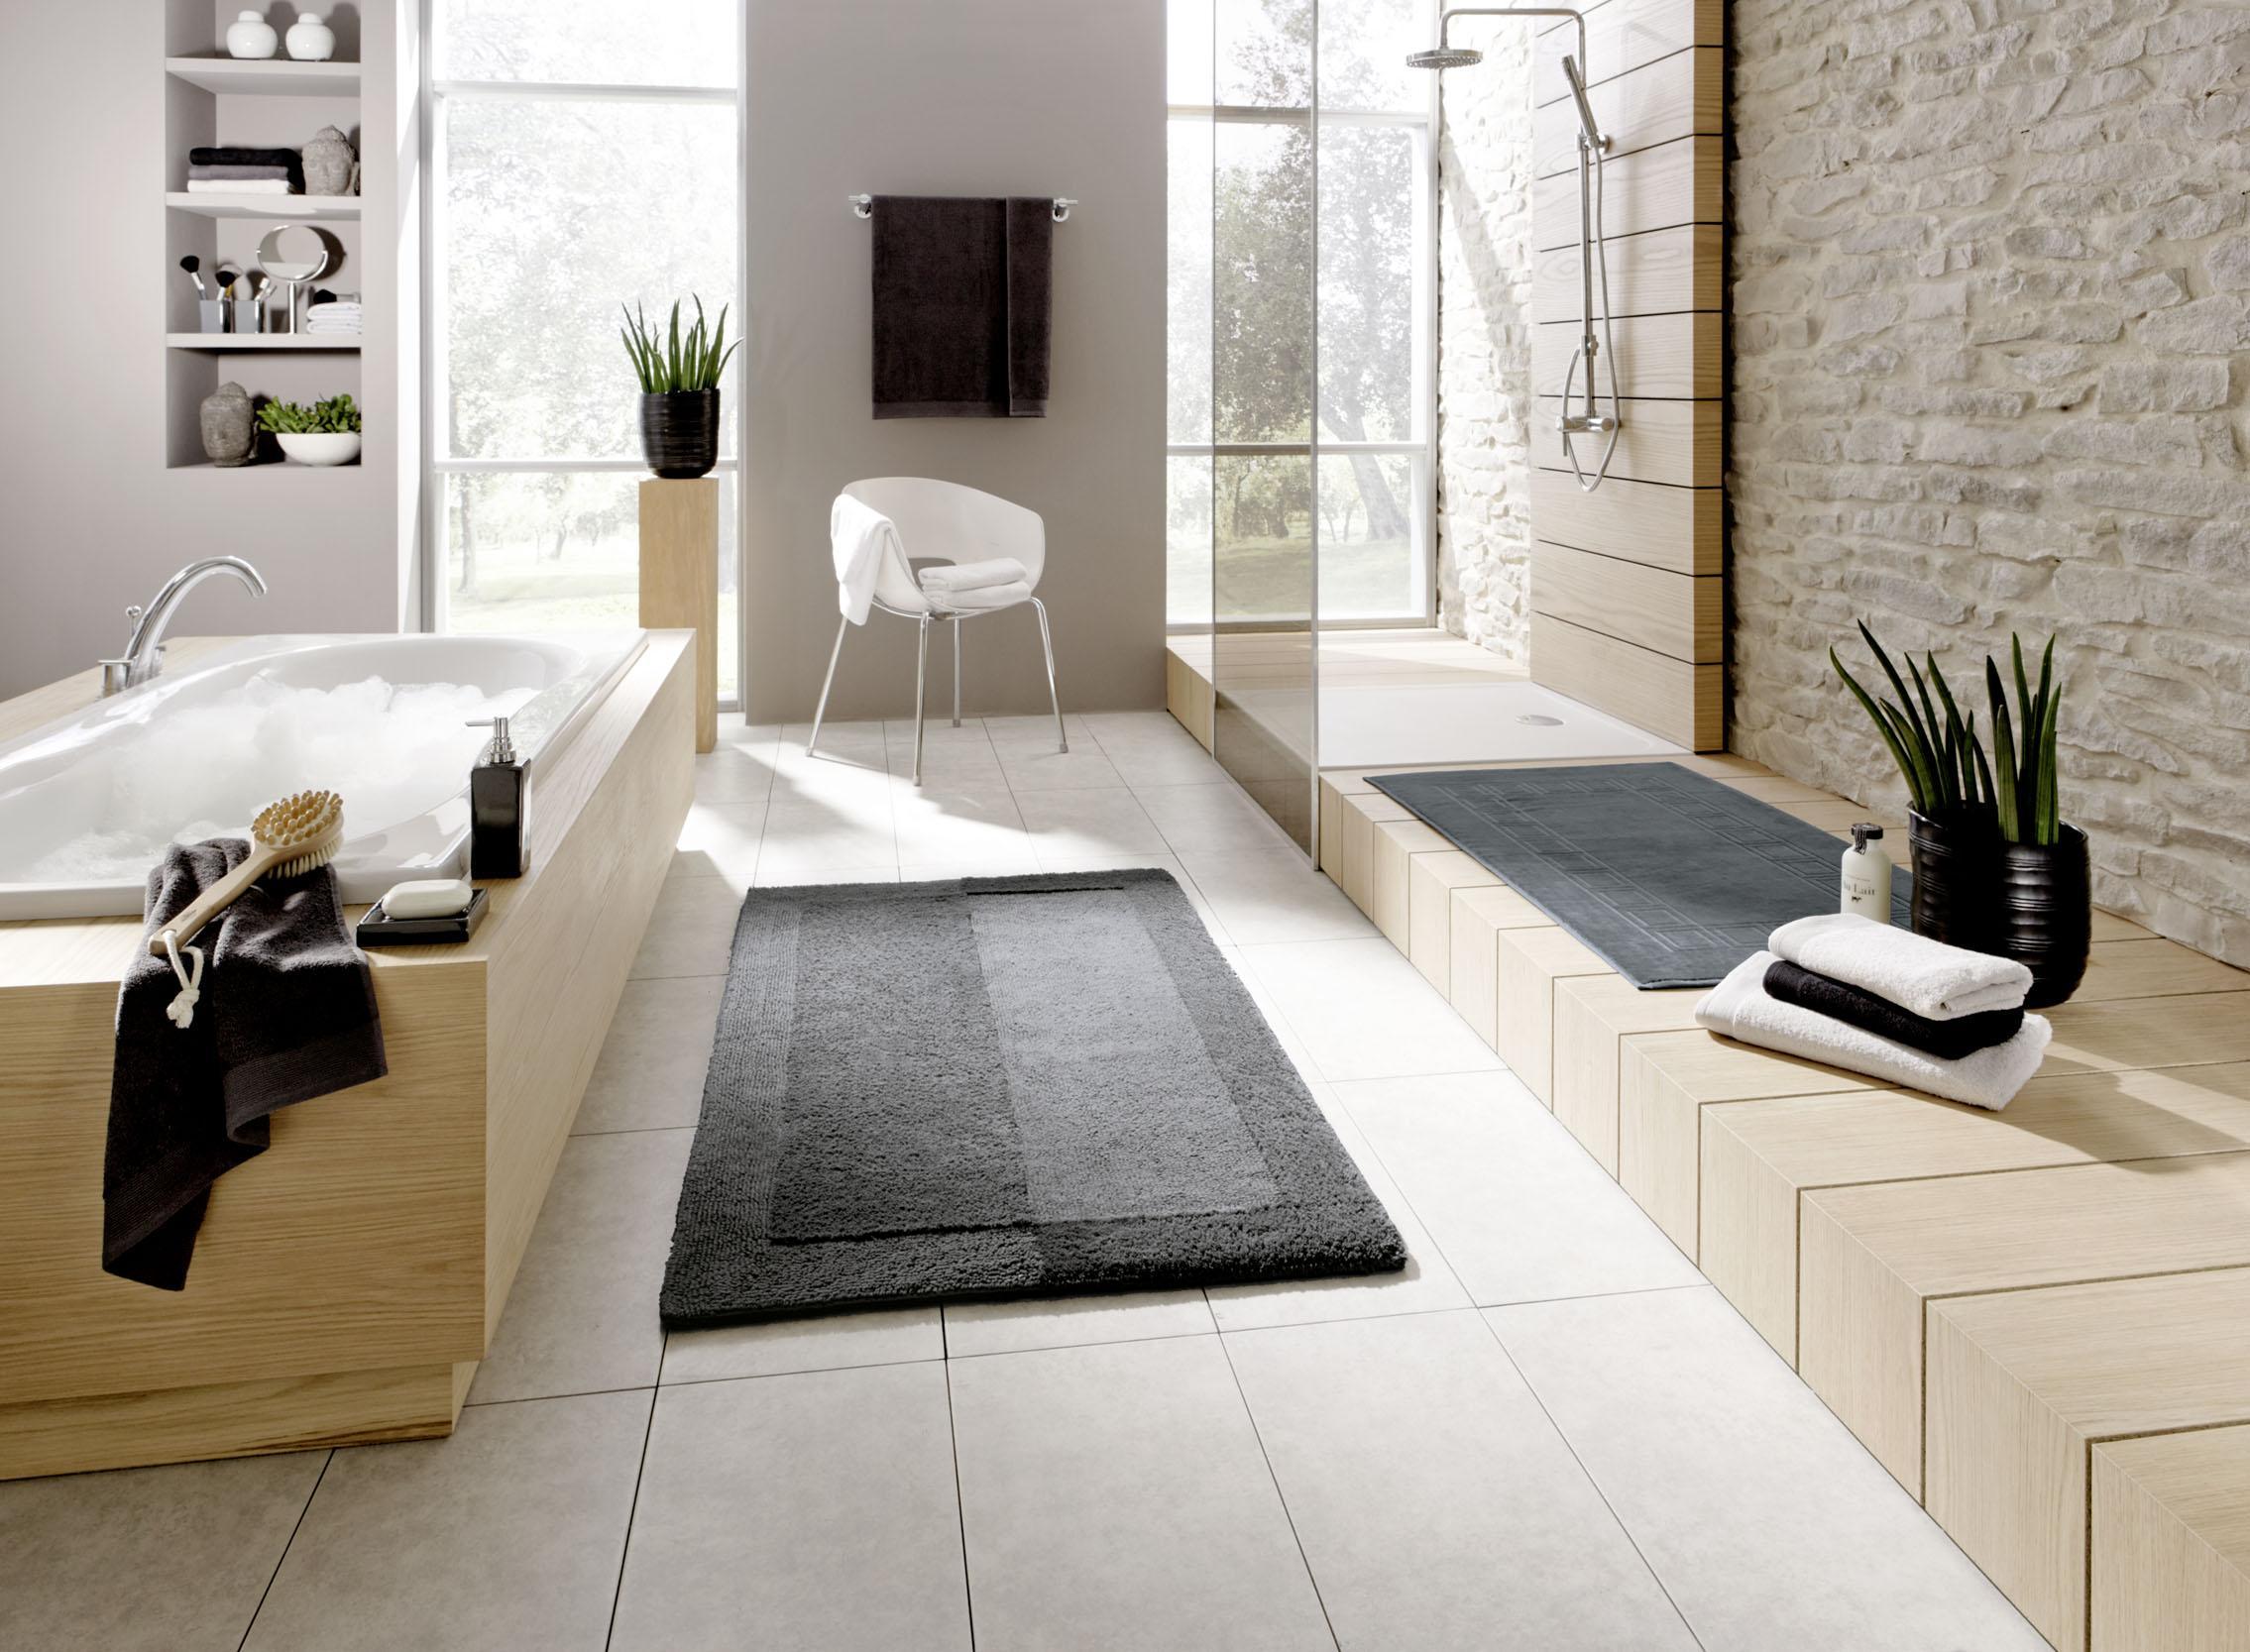 Großartig Badezimmer In Naturfarben Kombiniert Mit Grauen Accessoires #badezimmer  #badeinrichtung #holzbadewanne ©Kleine Wolke